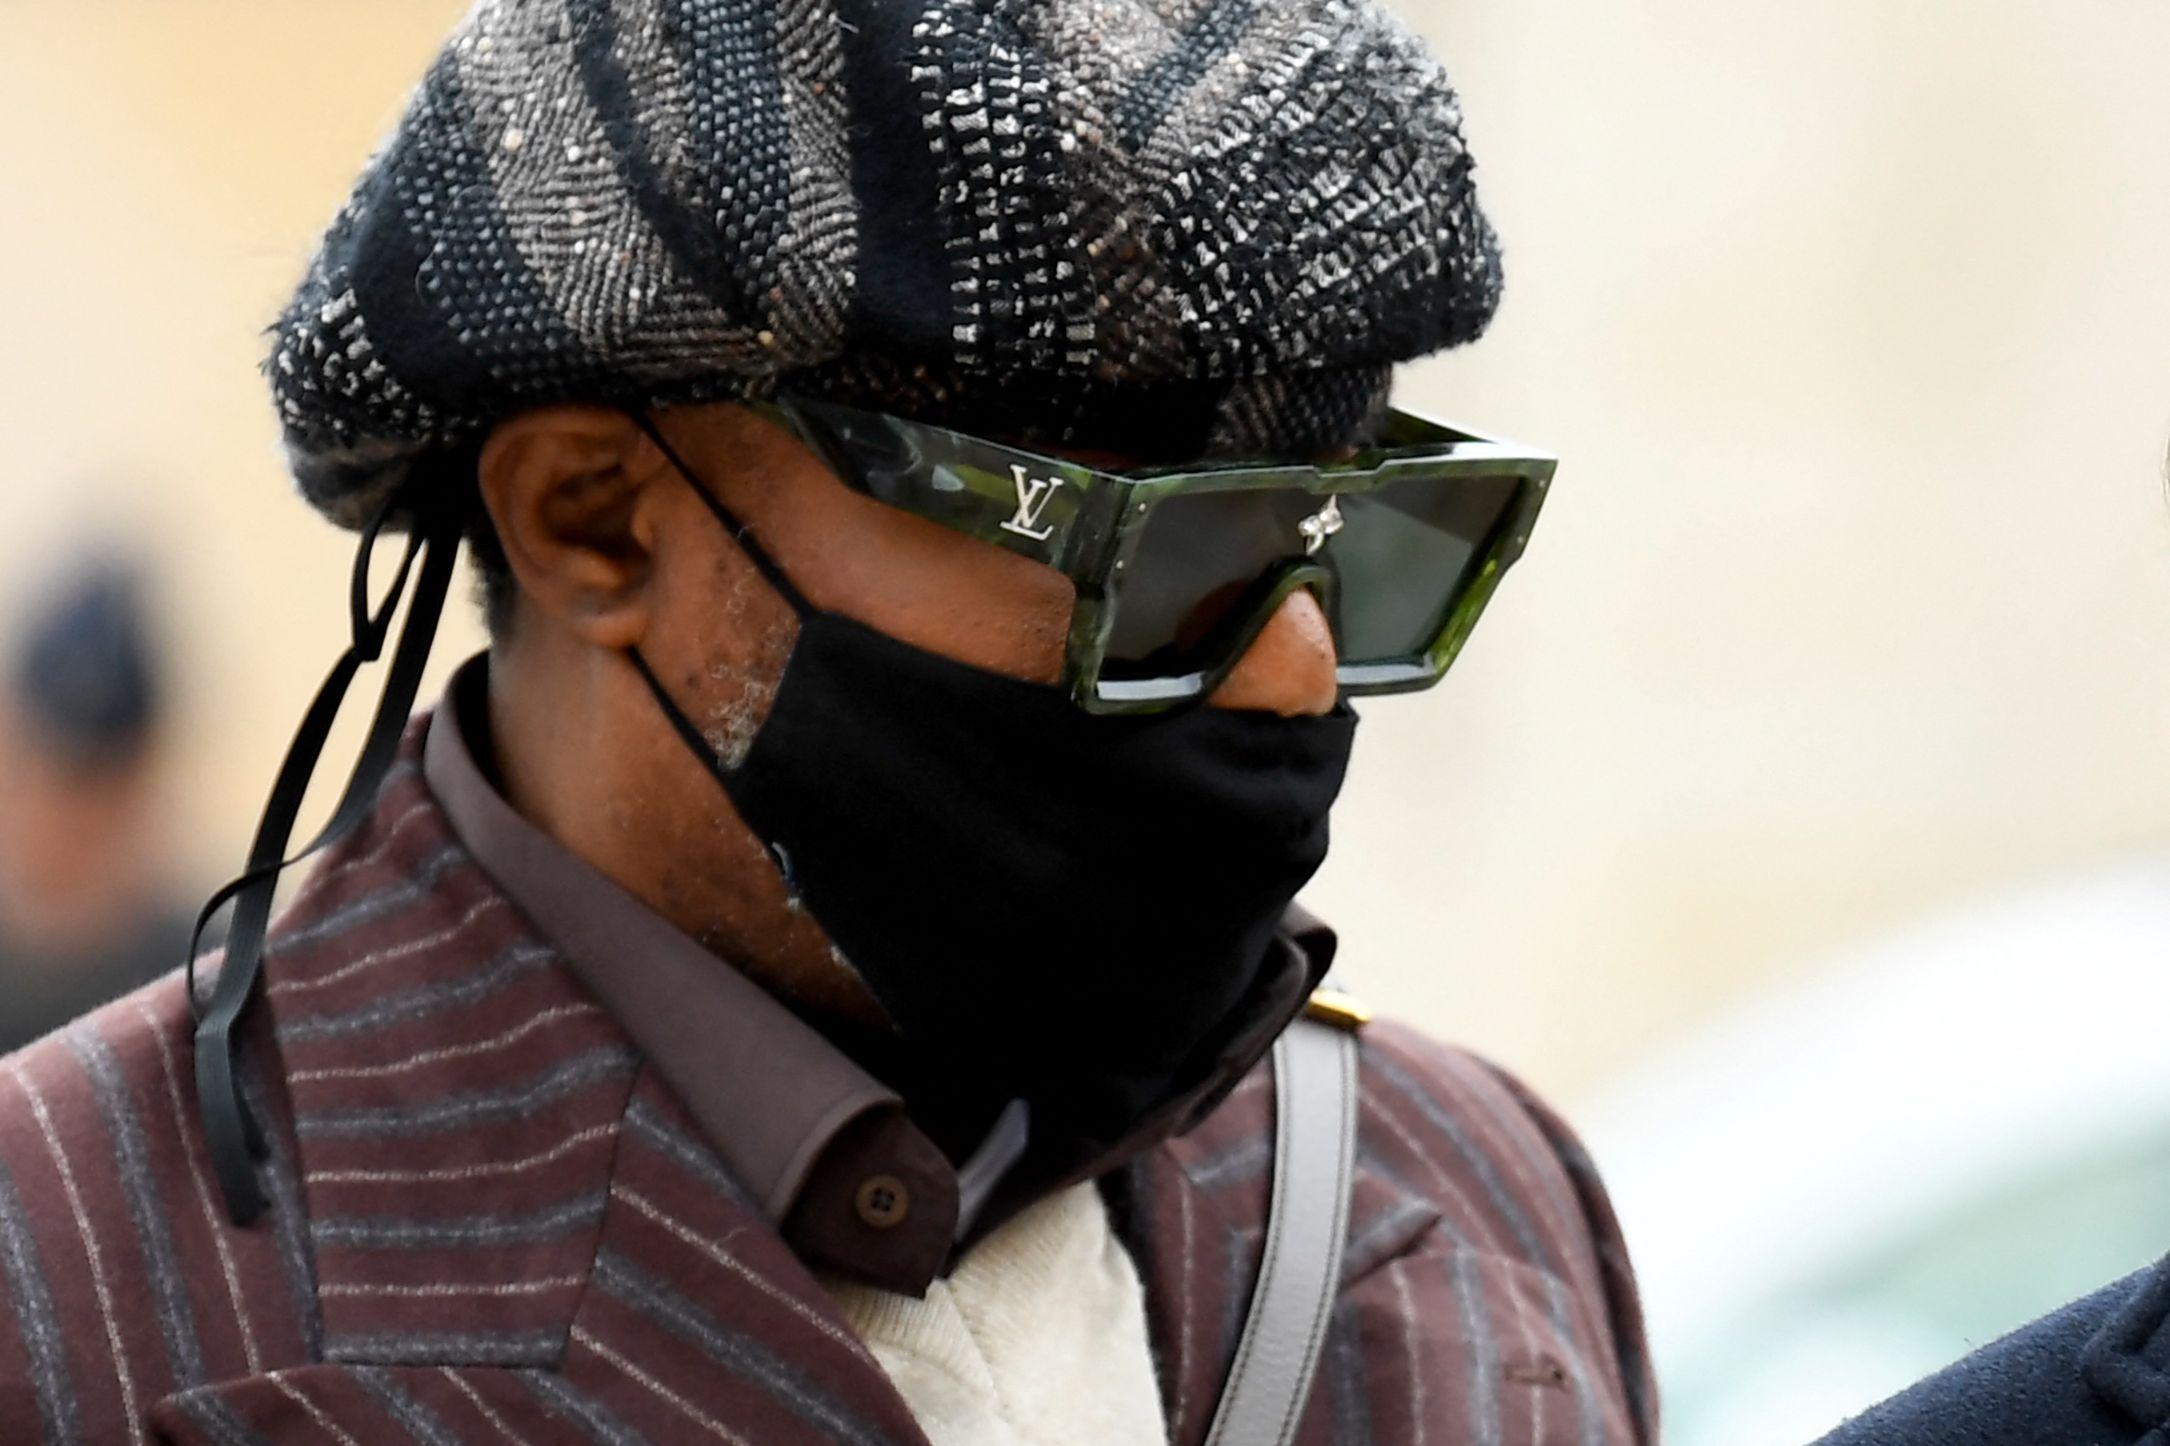 El cantante congoleño Koffi Olomidéllega el 25 de octubre de 2021 al juzgado de Versalles para su juicio de apelación por los cargos de agresión sexual y secuestro de cuatro de sus exbailarines entre 2002 y 2006.